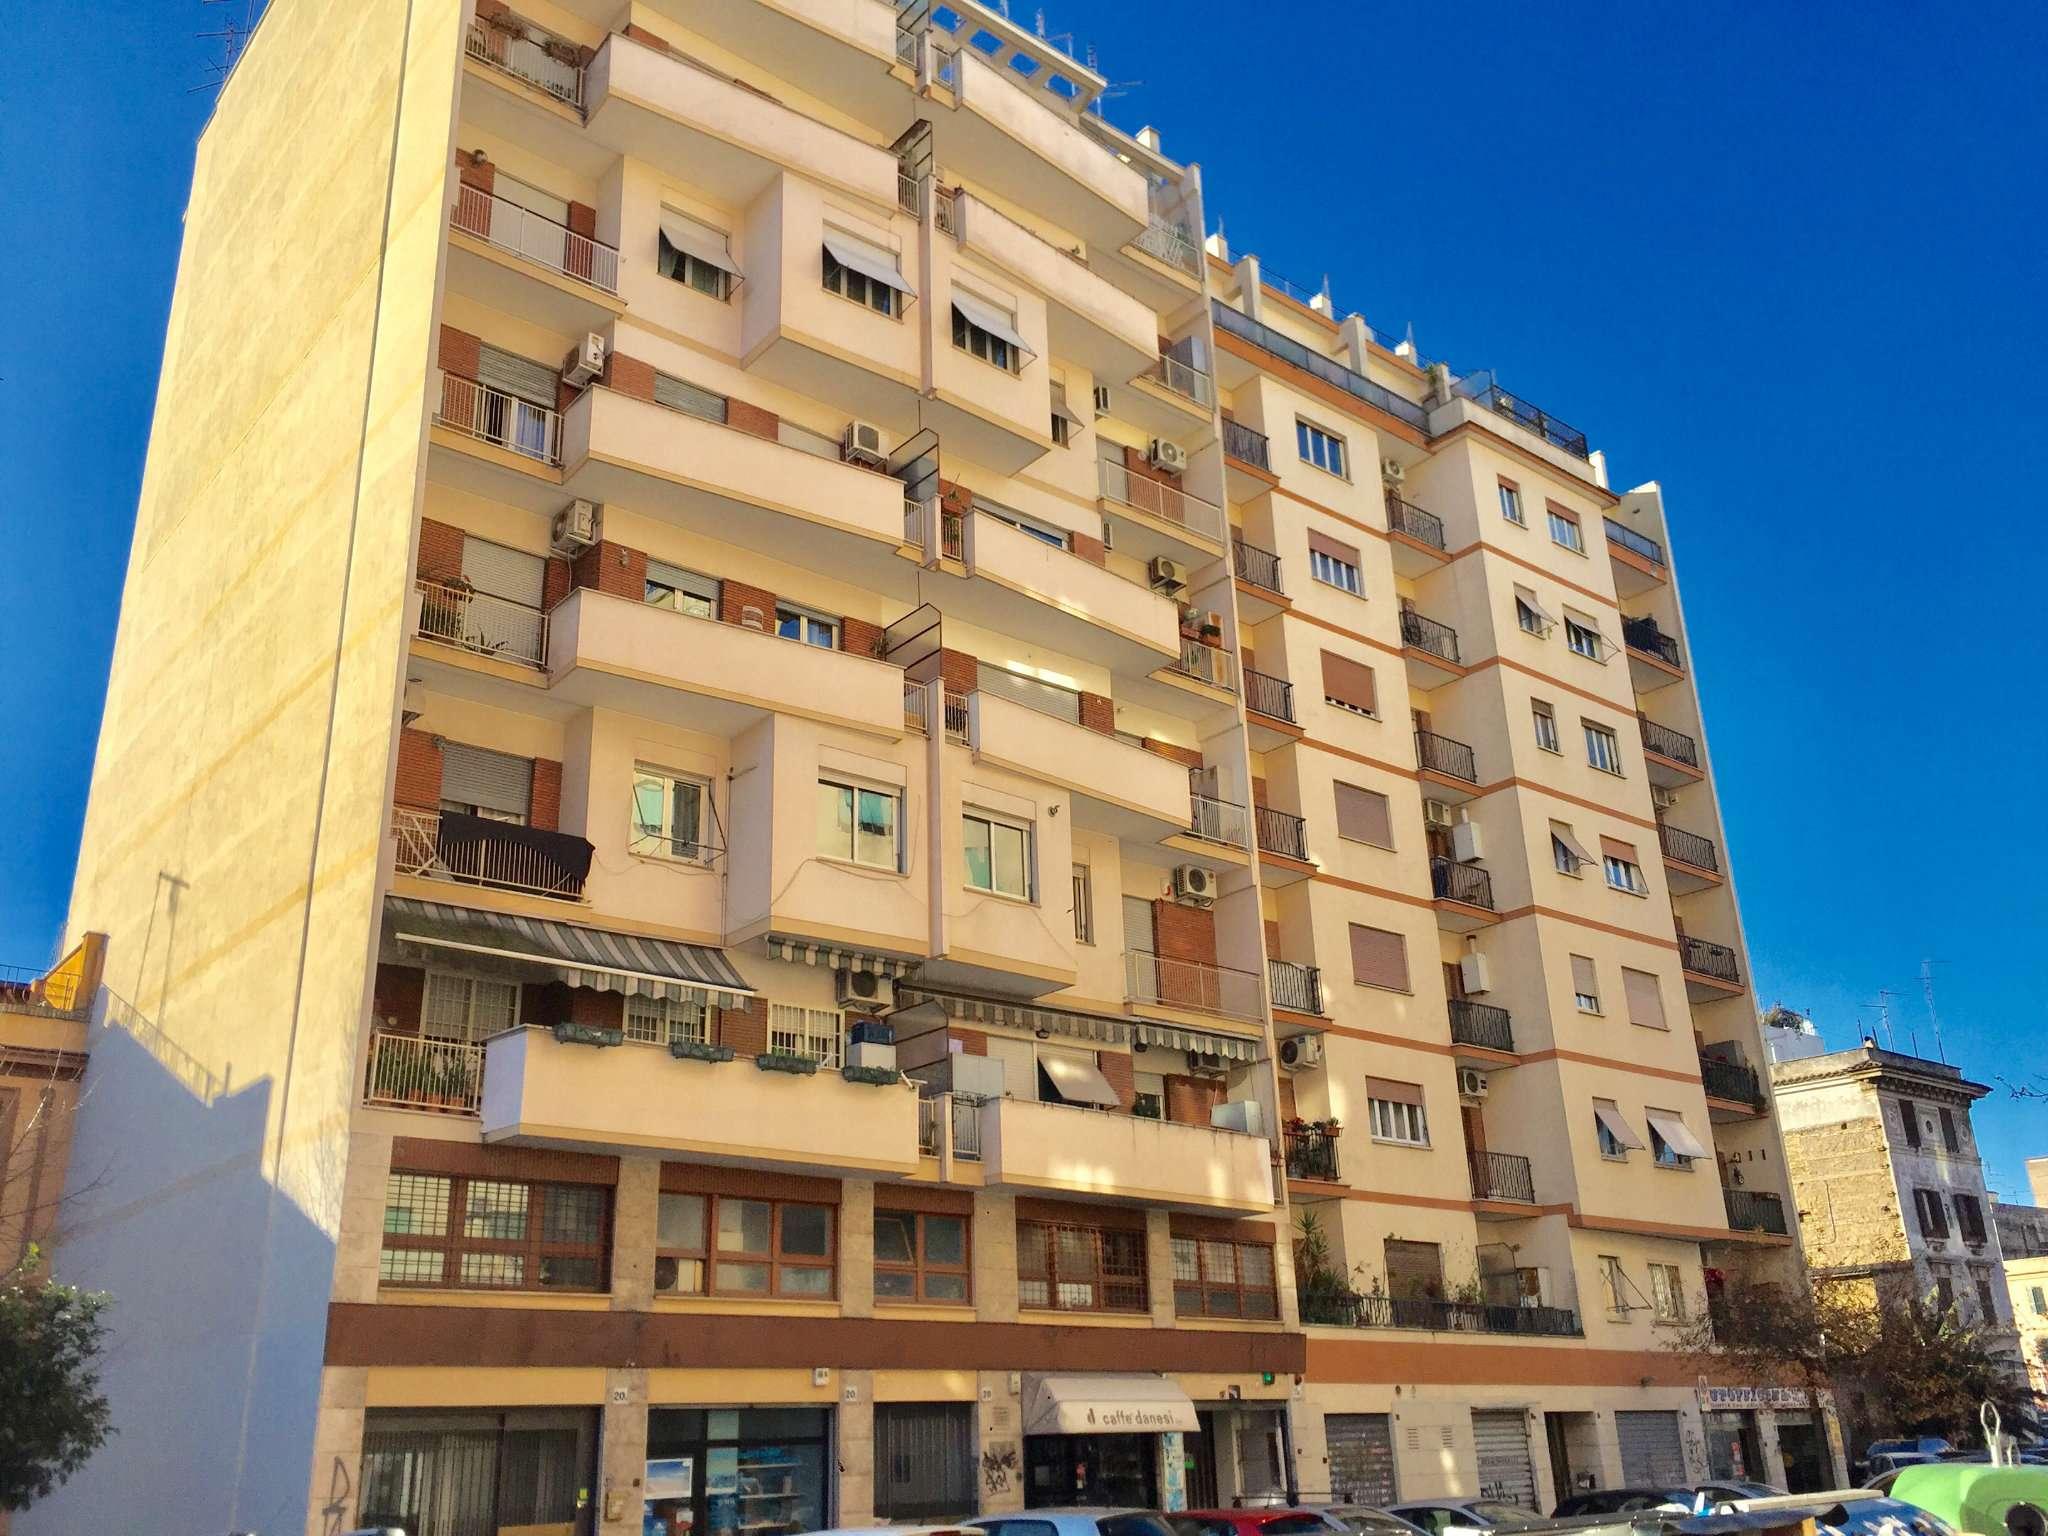 Appartamento in vendita a Roma, 2 locali, zona Zona: 10 . Pigneto, Largo Preneste, prezzo € 209.000 | CambioCasa.it